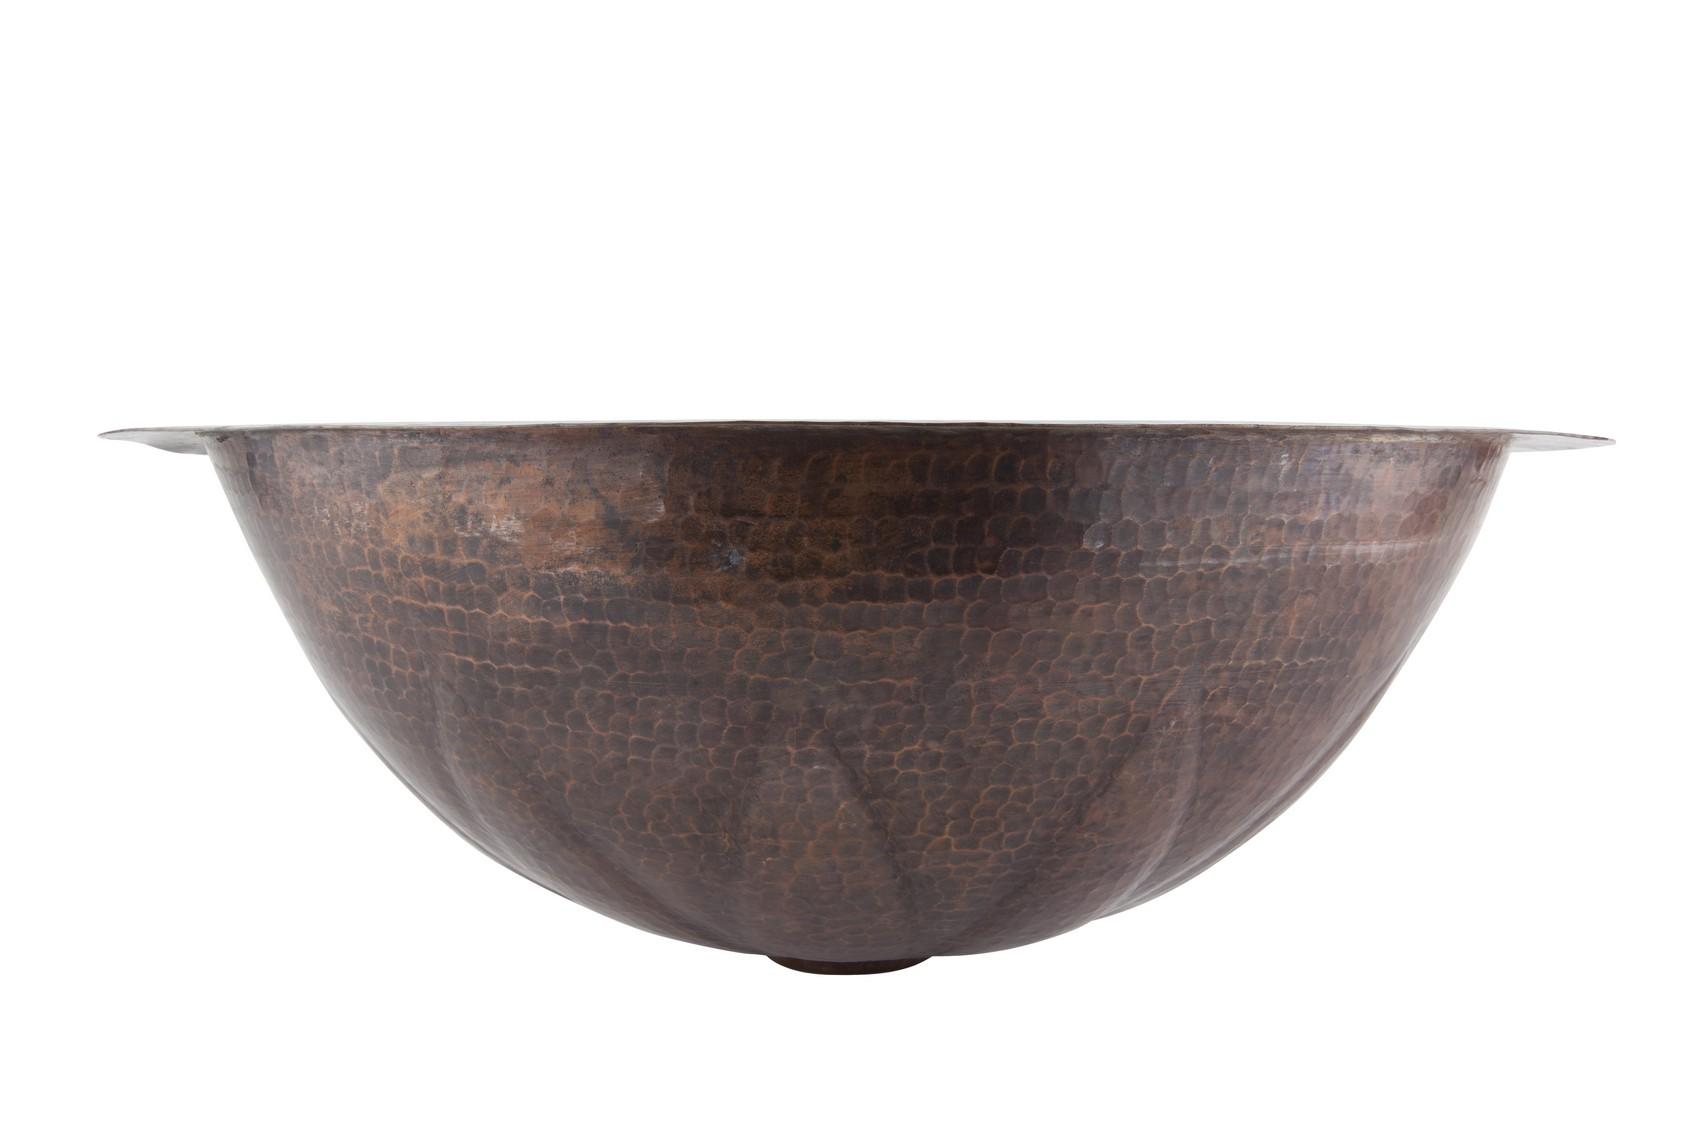 Messing Waschbecken - Bronzebecken